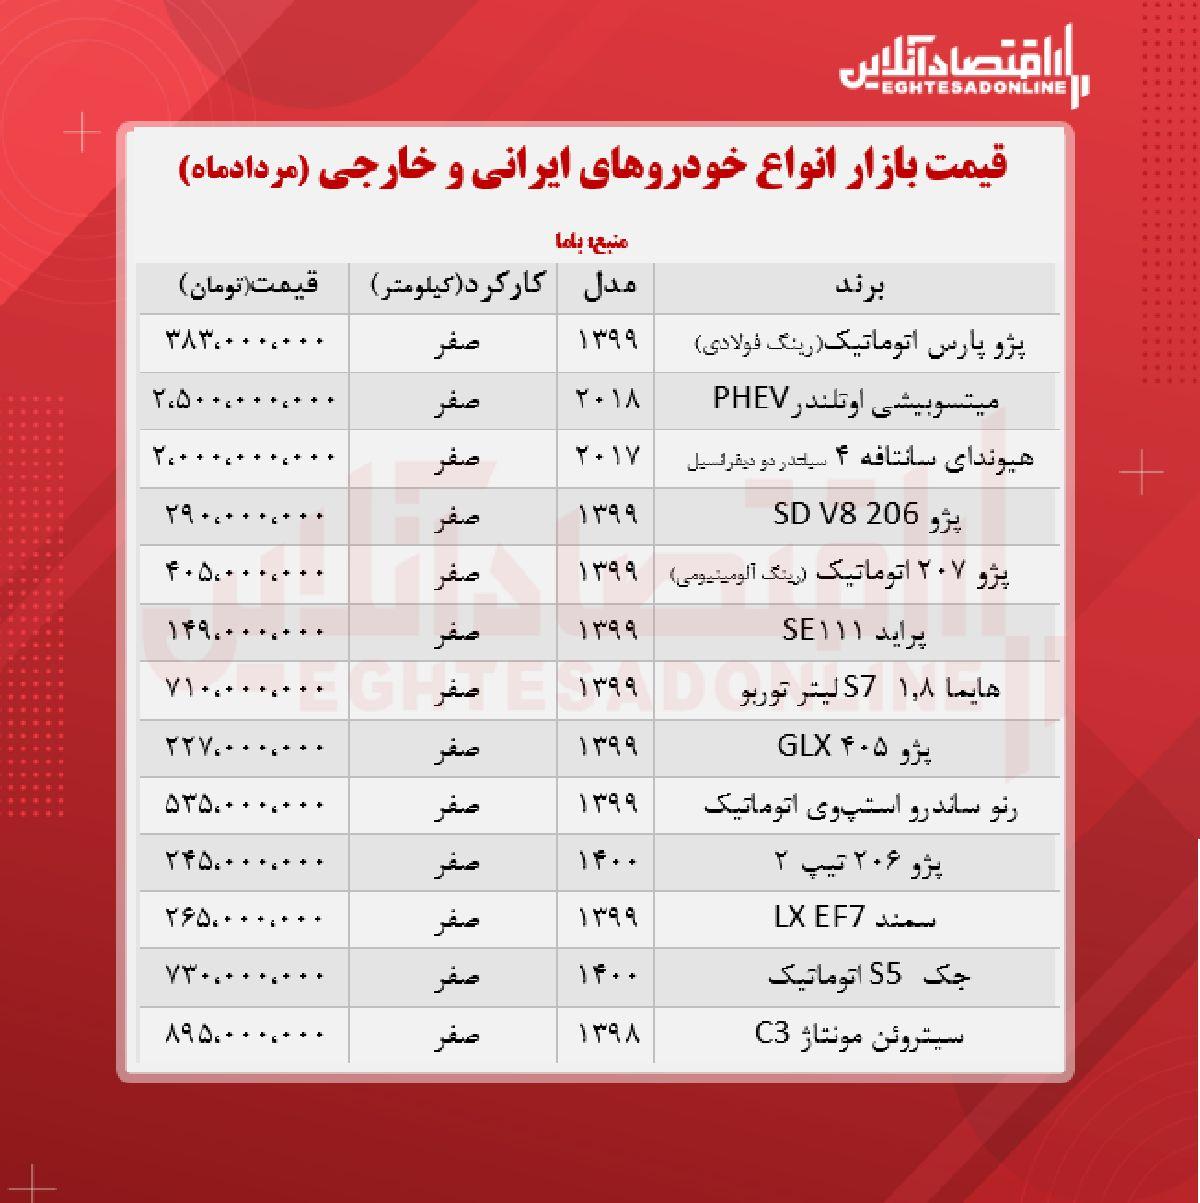 قیمت روز خودرو ۱۴۰۰/۵/۲۷